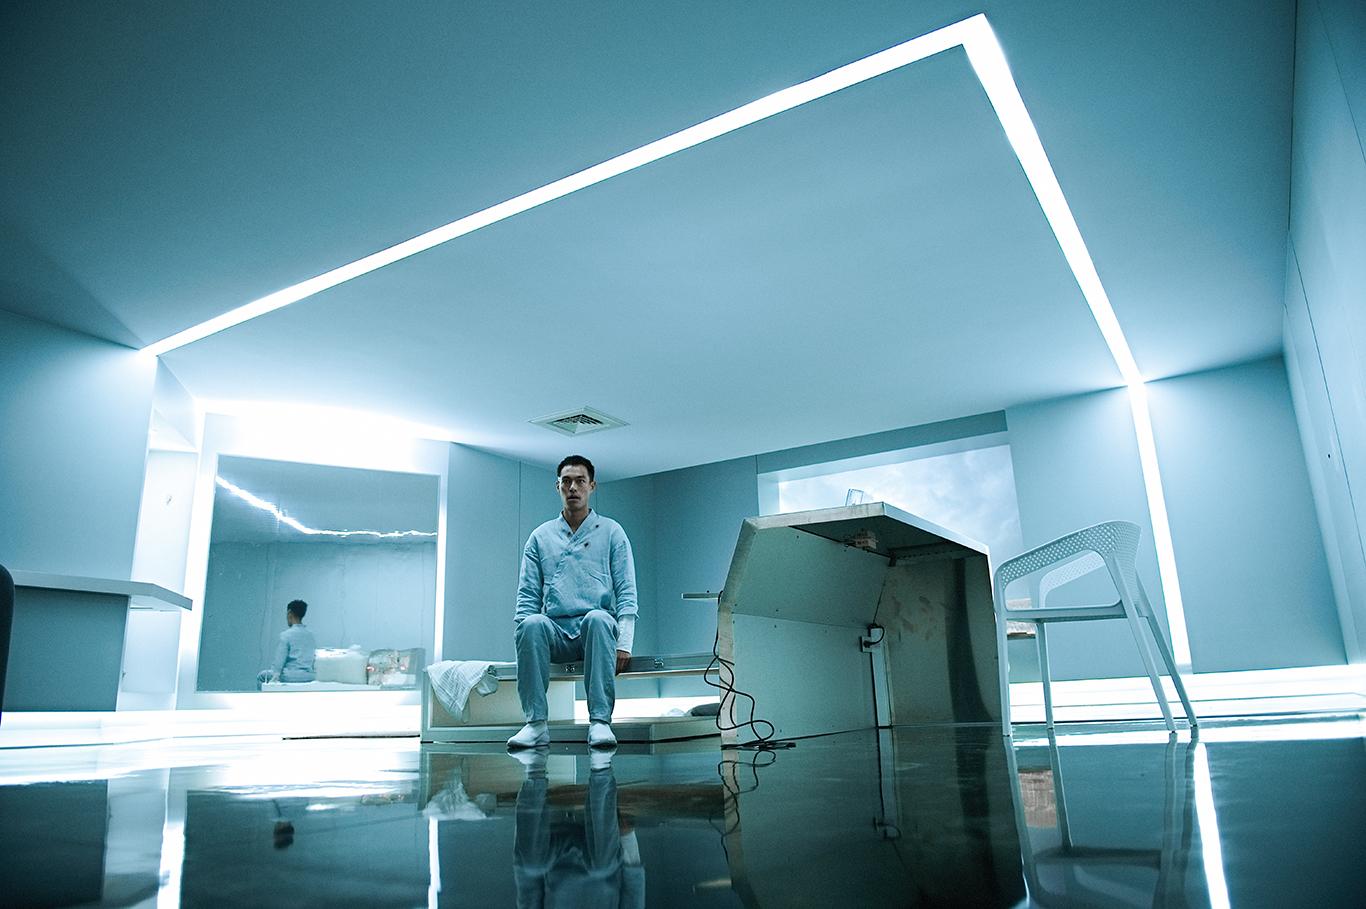 楊祐寧《複身犯》中被關在充滿科技感的實驗室